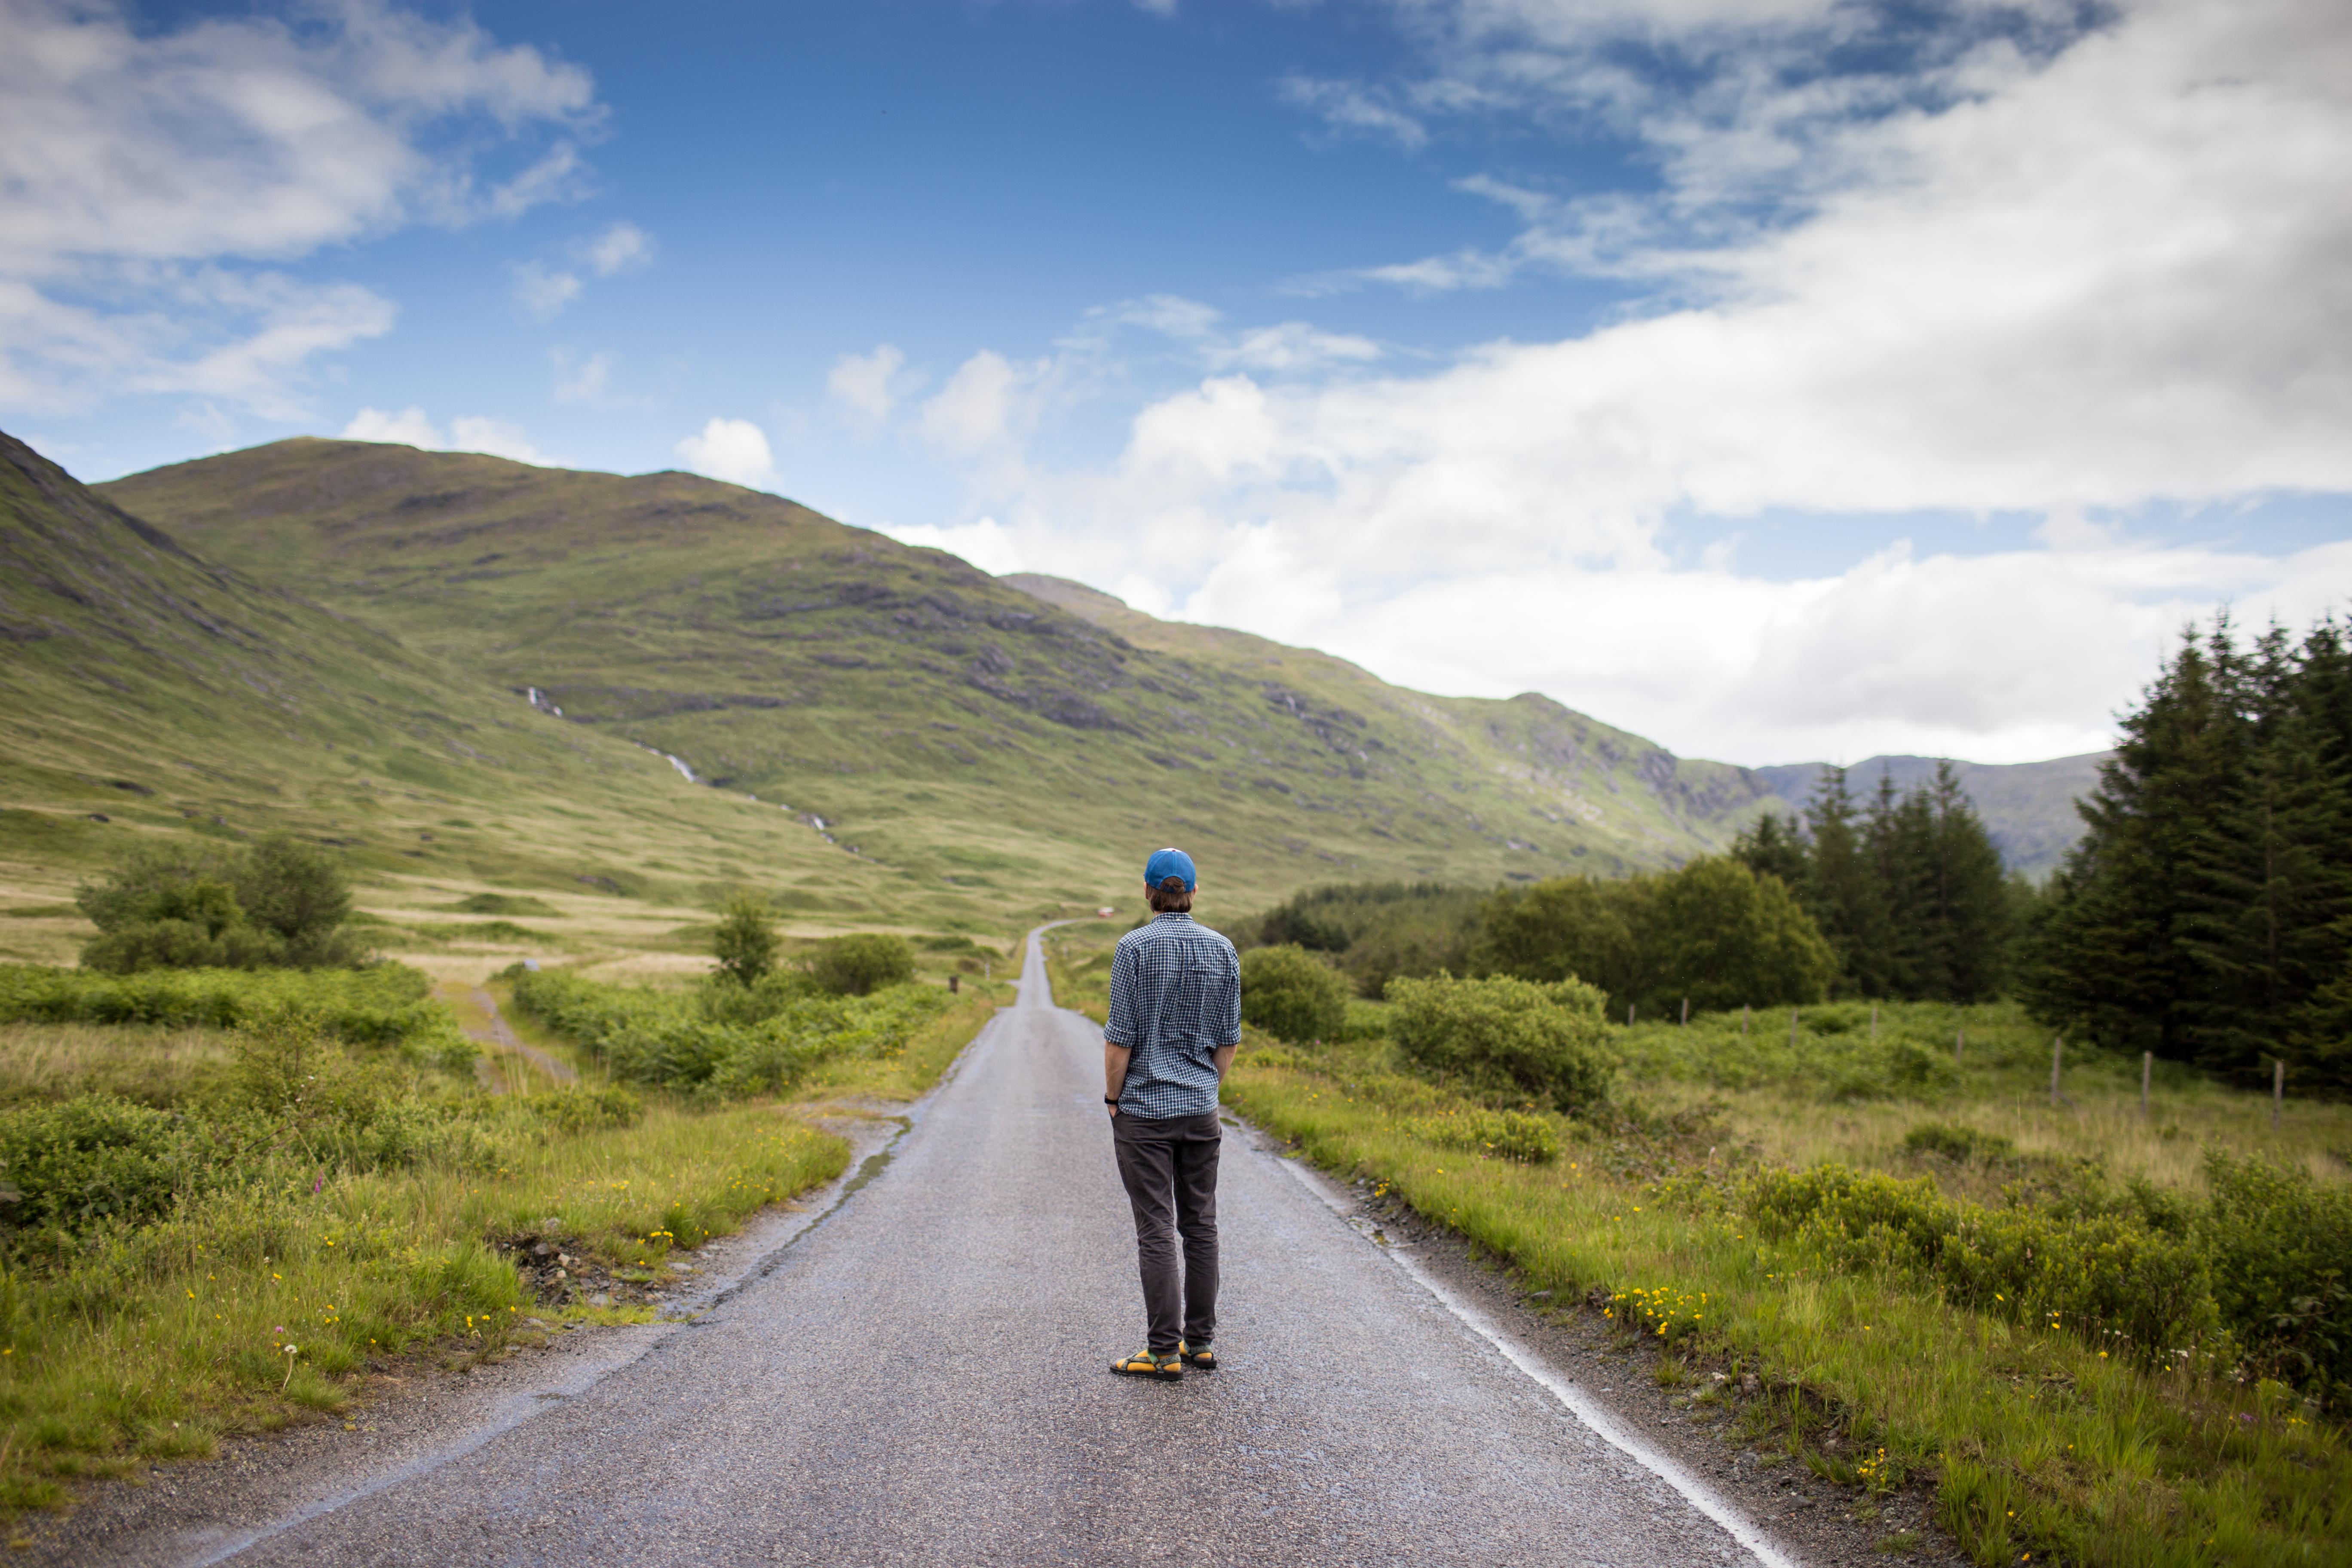 фото парень идет по дороге панки как